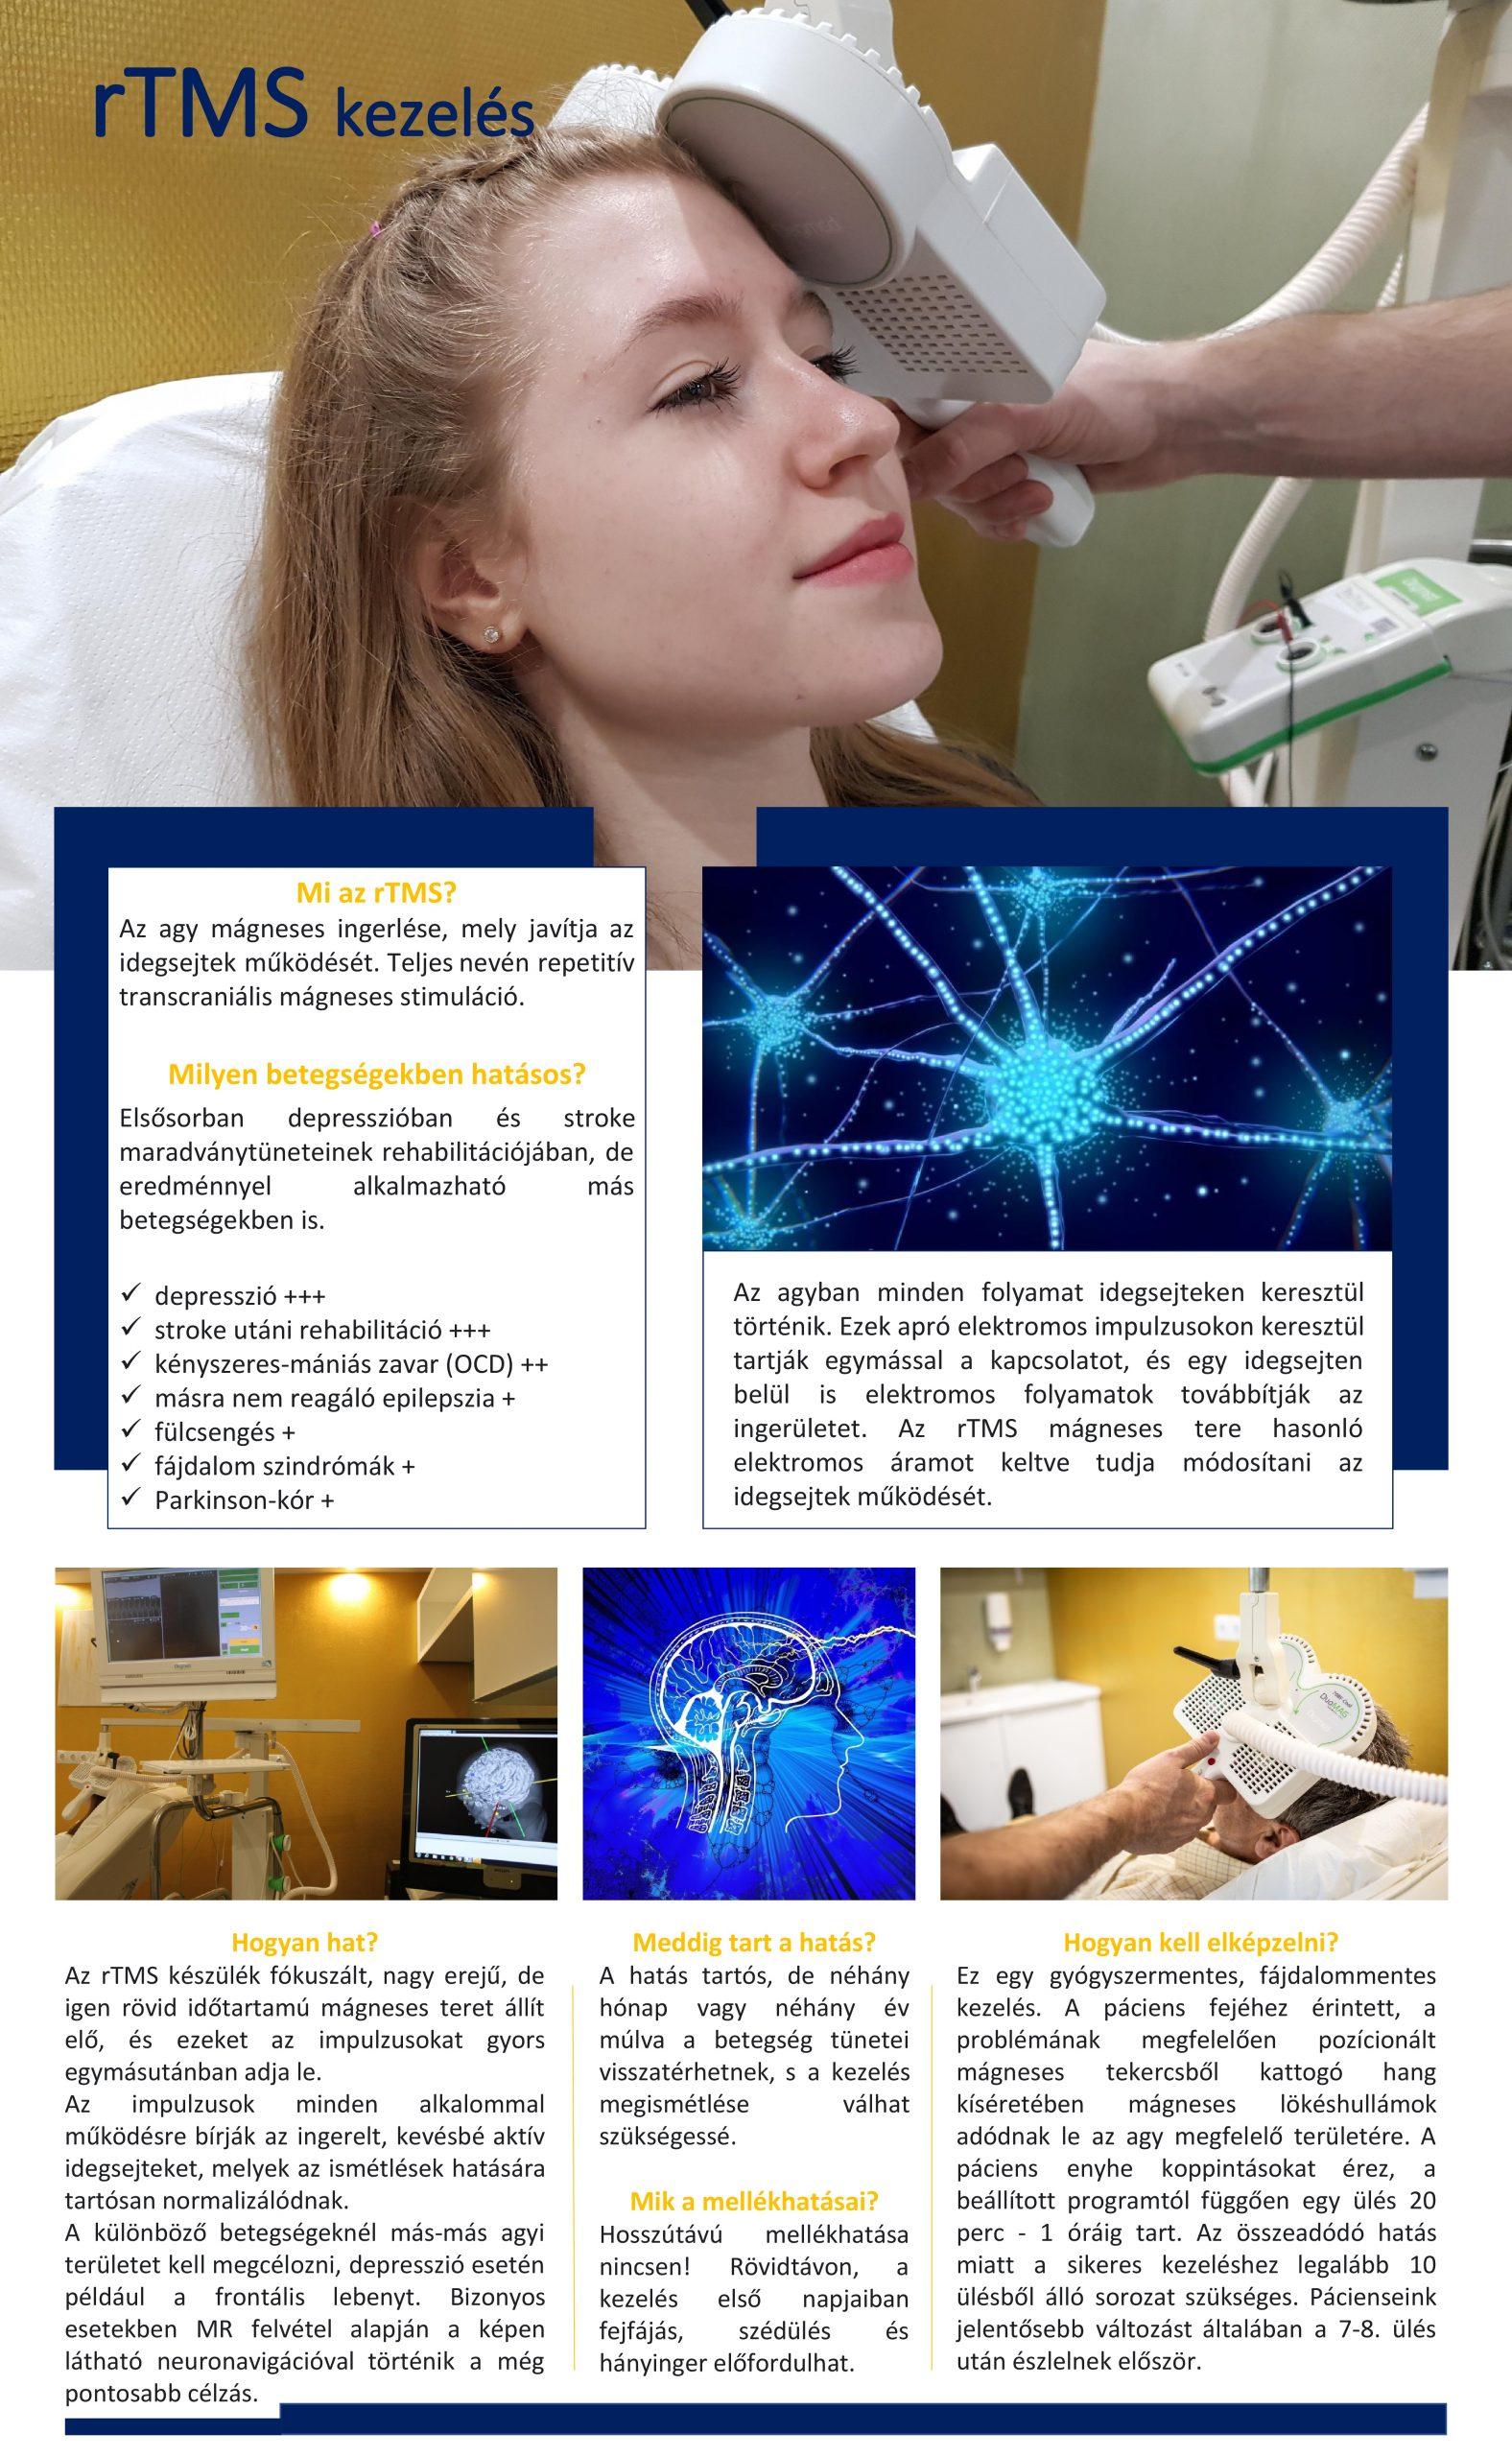 Mi az rTMS? - Az agy mágneses ingerlése, mely javítja az idegsejtek működését. (=repetitív transcraniális mágneses stimuláció)  Milyen betegségekben hatásos? - Elsősorban depresszióban, kényszeres-mániás zavarban (OCD), és stroke maradványtüneteinek rehabilitációjában hatásos, de használ még Parkinson-kórban, másra nem reagáló epilepsziában, fülcsengésben, és fájdalom szindrómákban is.  Hogyan hat? - Az rTMS készülék képes fókuszált, nagy erejű, de igen rövid időtartamú mágneses teret előállítani és ezeket az impulzusokat gyors egymásutánban ismételve leadni. A mágneses impulzus az agyi folyadékterekben hasonló apró elektromos áramot kelt, mint ami az idegsejtek közötti normál ingerület átvitel közben is létrejön. Az ismételt impulzusok minden alkalommal működésre bírják az ingerelt idegsejteket. Ezen a mechanizmuson keresztül tudja a mágneses tér tartósan módosítani, normalizálni az idegsejtek működését. Ezért az eljárást neuromodulációnak is nevezzük.  Hogyan kell elképzelni? - Ez egy gyógyszermentes, fájdalommentes kezelés. A páciens fejéhez érintett, a problémának megfelelően pozícionált mágneses tekercsből kattogó hang kíséretében mágneses lökéshullámok adódnak le az agy megfelelő területére. A páciens enyhe koppintásokat érez, a beállított programtól függően egy ülés 20 perc- 1 óráig tart. Az összeadódó hatás miatt a sikeres kezeléshez legalább 10 ülésből álló sorozat szükséges. Pácienseink jelentősebb változást általában a 7-8. ülés után észlelnek először.  Mik a mellékhatásai? - Hosszútávú mellékhatása nincsen! Rövidtávon (a kezelés első napjaiban) fejfájás és szédülés előfordulhat.  Meddig tart a hatás? - A hatás tartós, de néhány hónap - néhány év múlva bizonyos betegségek tünetei visszatérhetnek, s a kezelés megismétlése válhat szükségessé.  Gyakorlati tudnivalók - A pszichiátriai betegségek kezelése pszichiáterünk követésével történik, a kezelés előtt és után tesztet töltenek ki pácienseink. A neurológiai indikációval tervezett rTMS kezeléshez neurológia